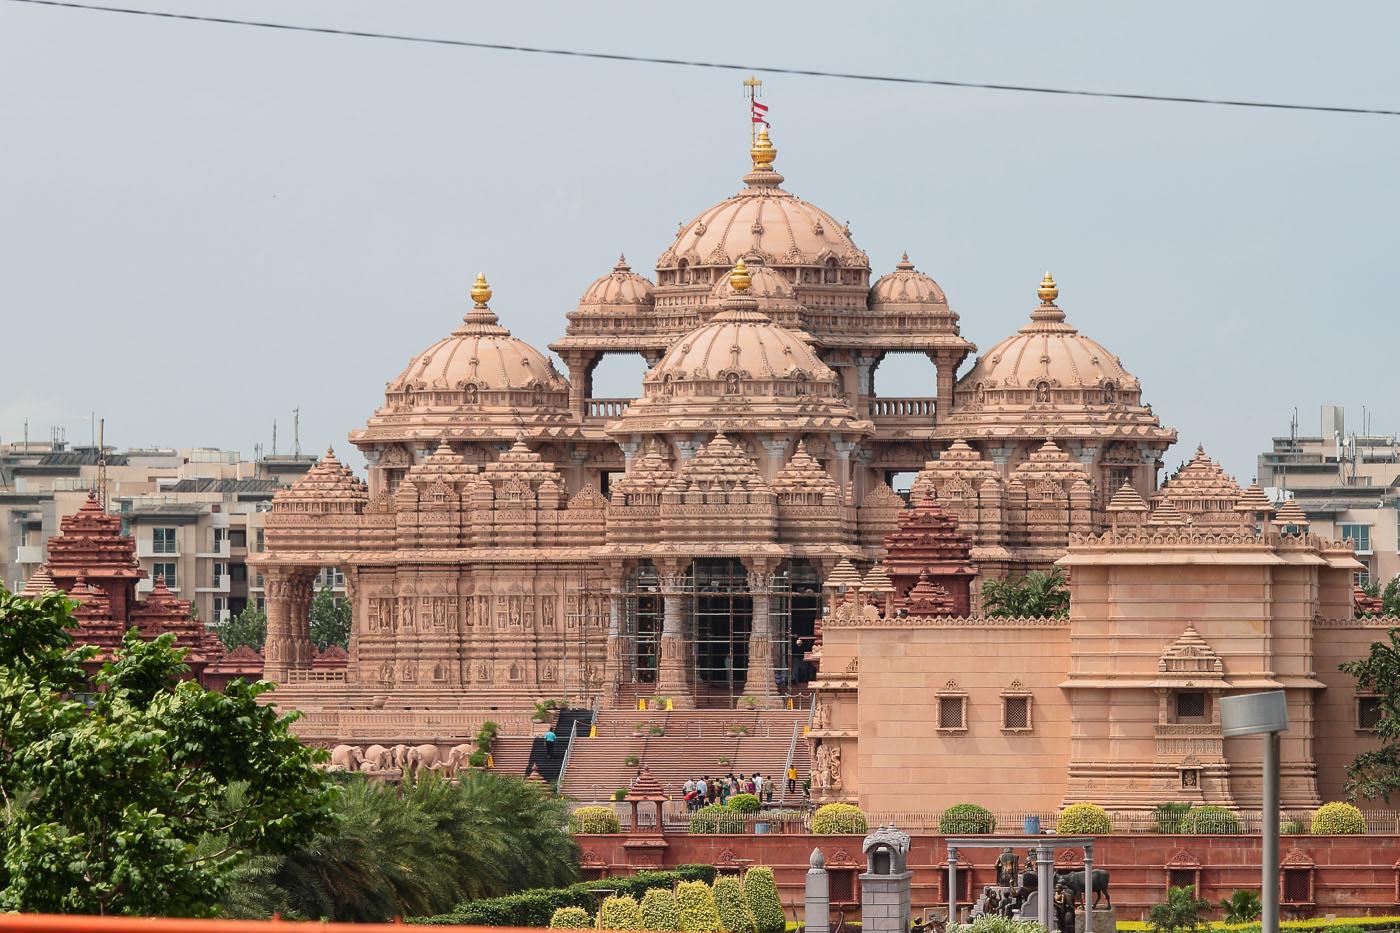 Фото 18. Храм Акшардхам (Swaminarayan Akshardham) в Дели. Отчеты об экскурсиях по Индии